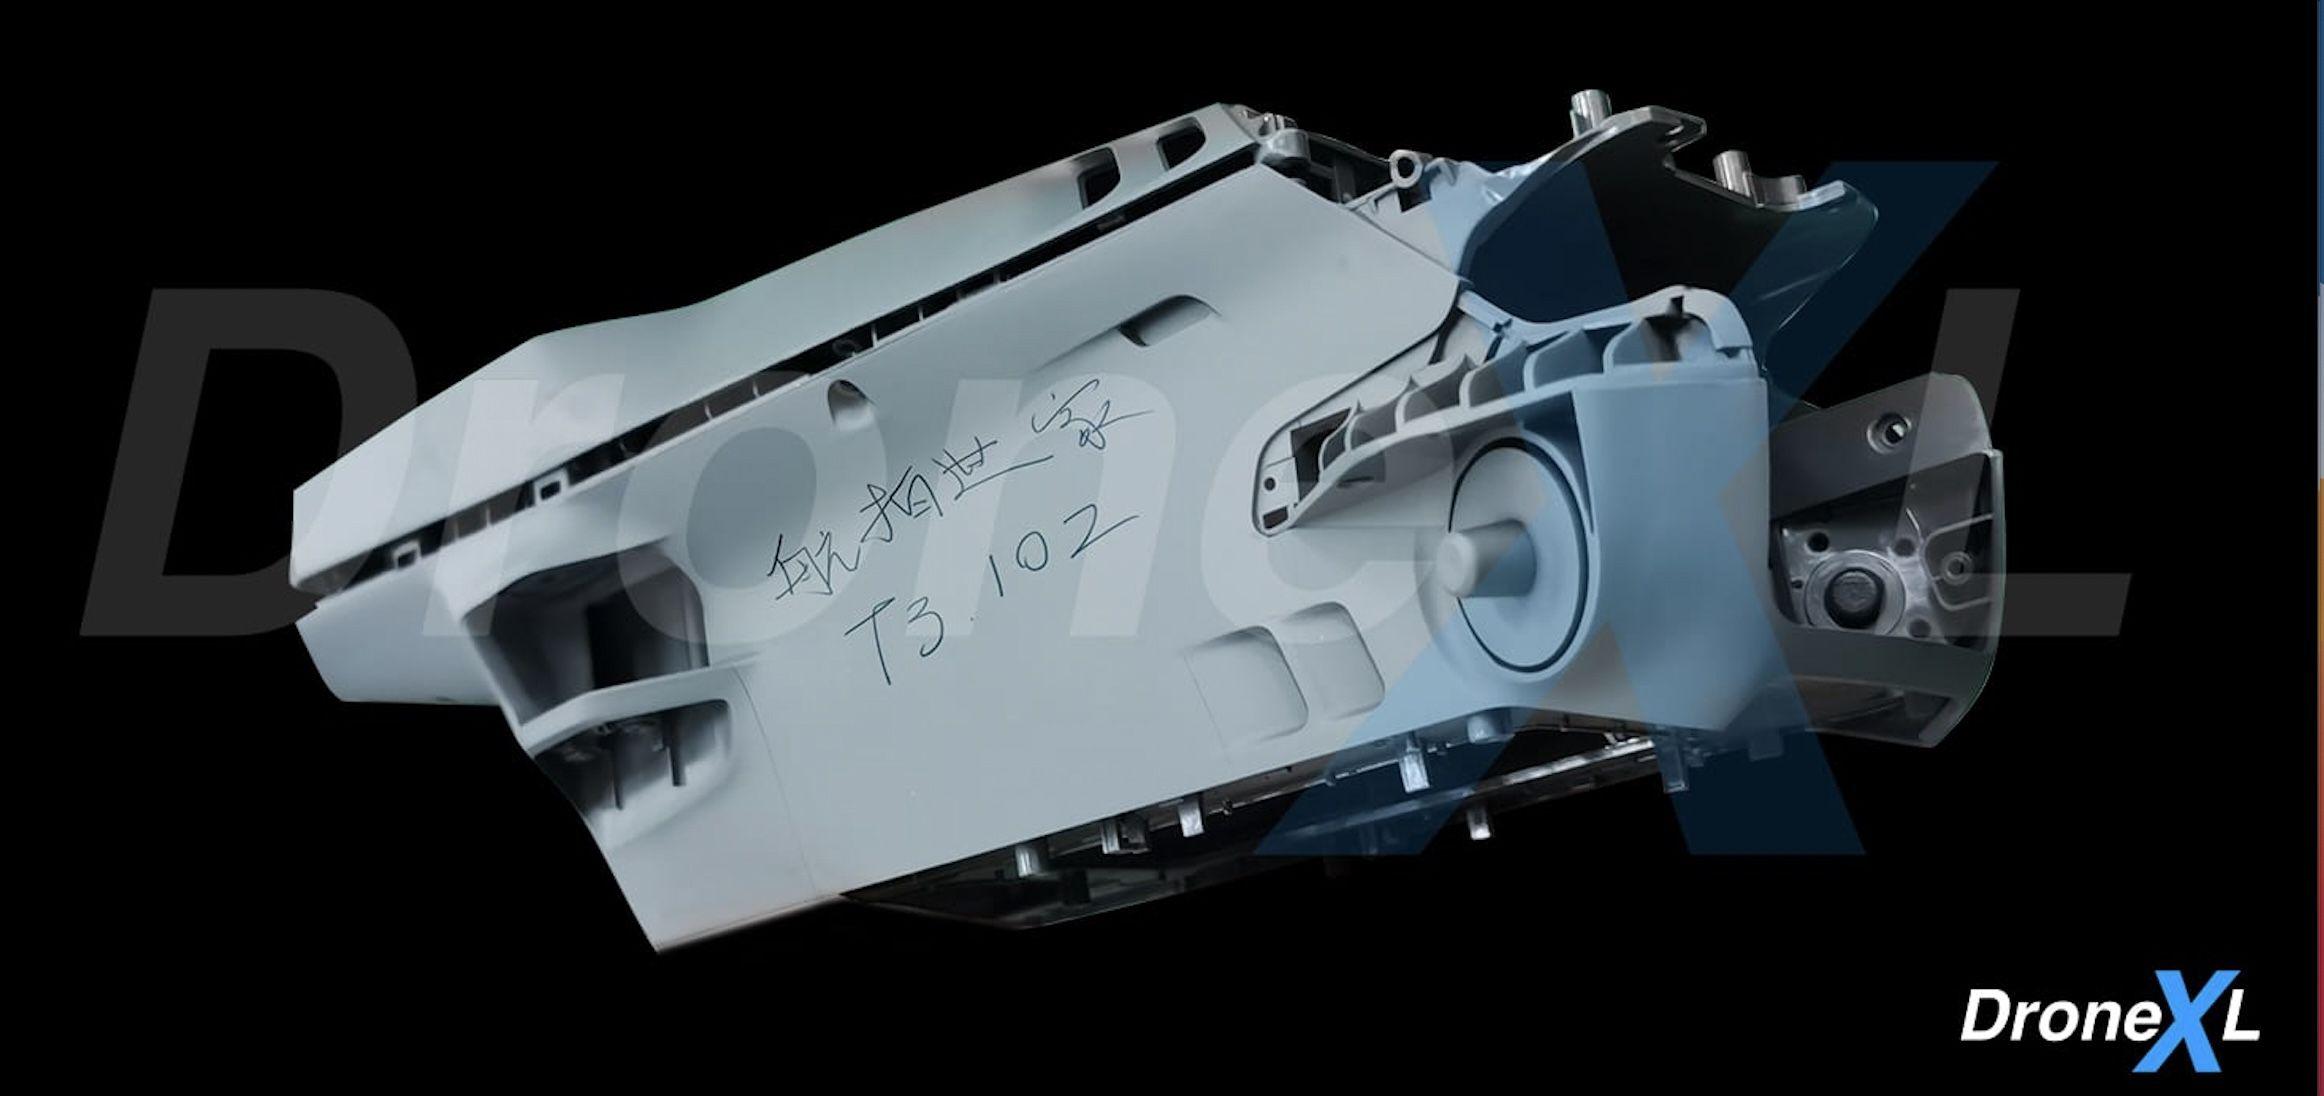 DJI Mavic 3 tra rumors e foto inedite, si intravede un nuovo drone che potrebbe arrivare a settembre